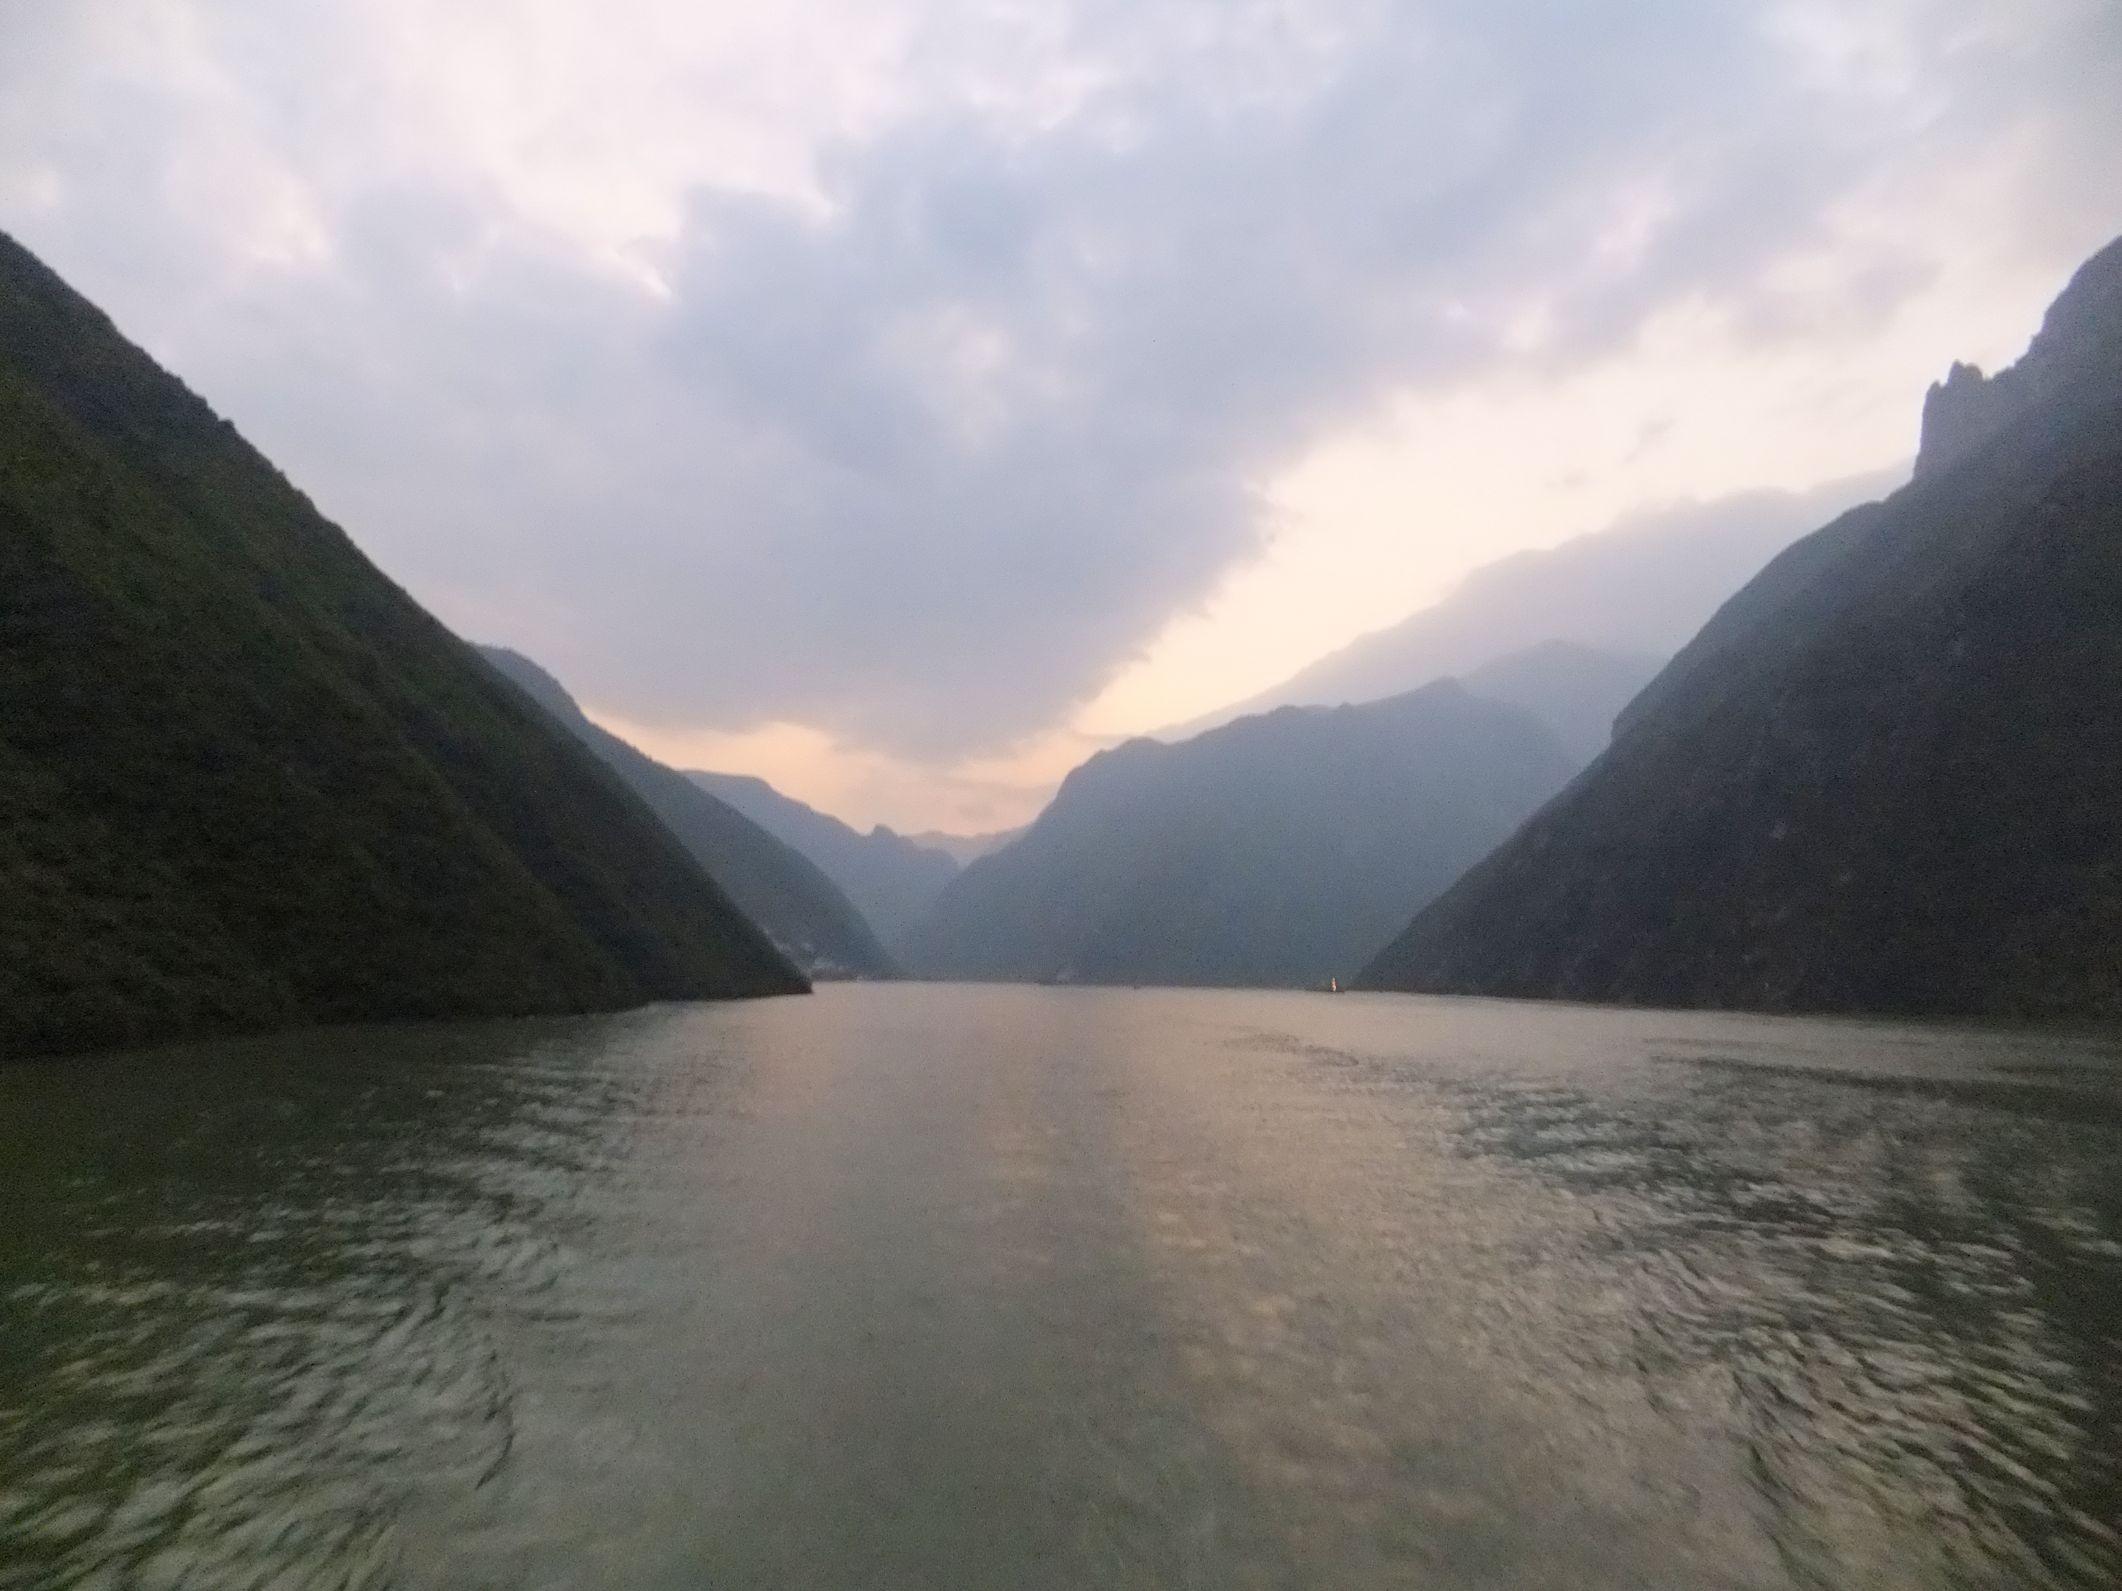 Eine chinesische Schifffahrt über den Yangtse zum Drei-Schluchten-Staudamm